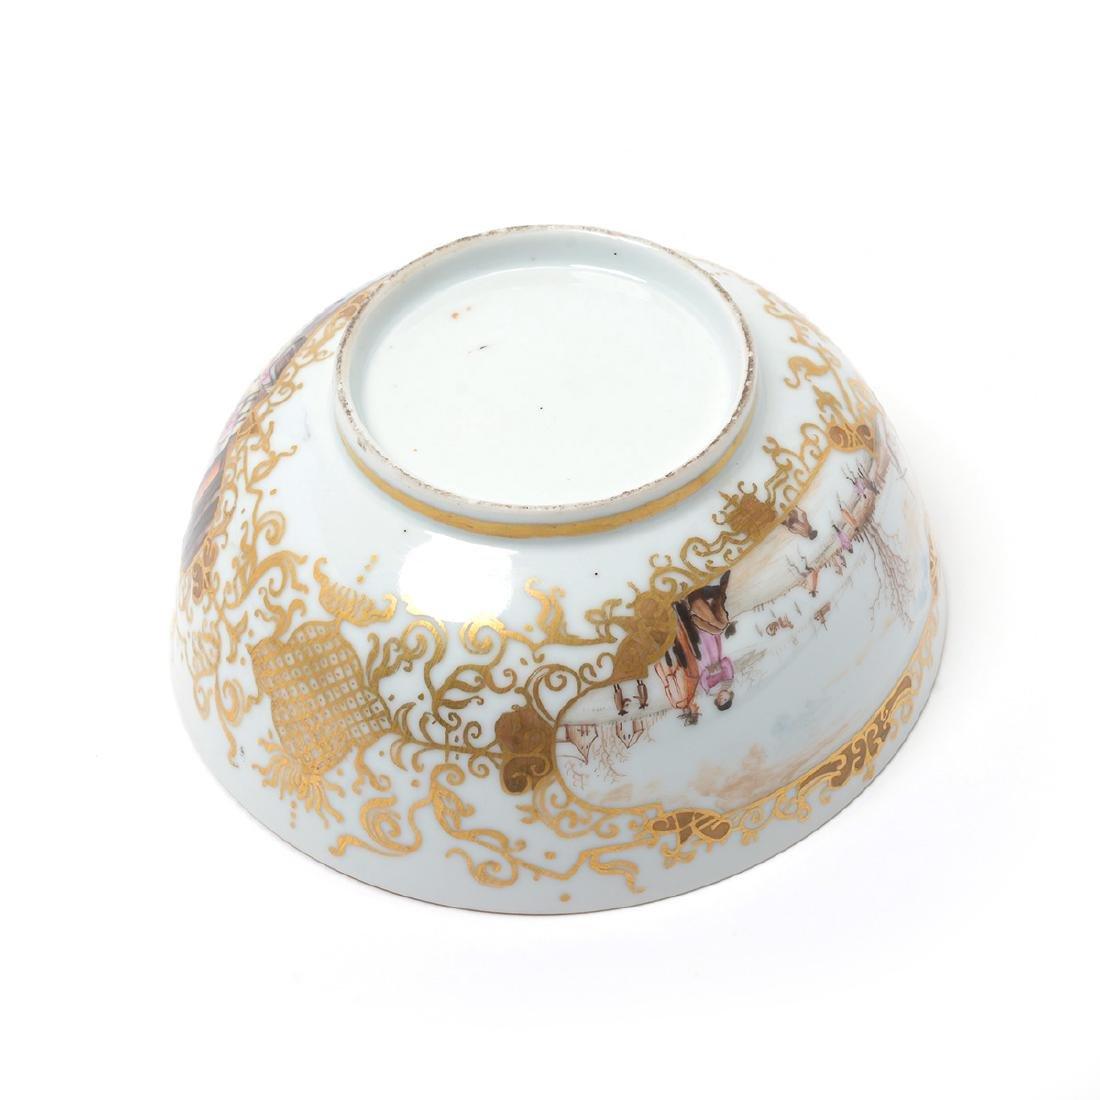 German Porcelain Bowl with Landscape Vignettes, 18th - 10